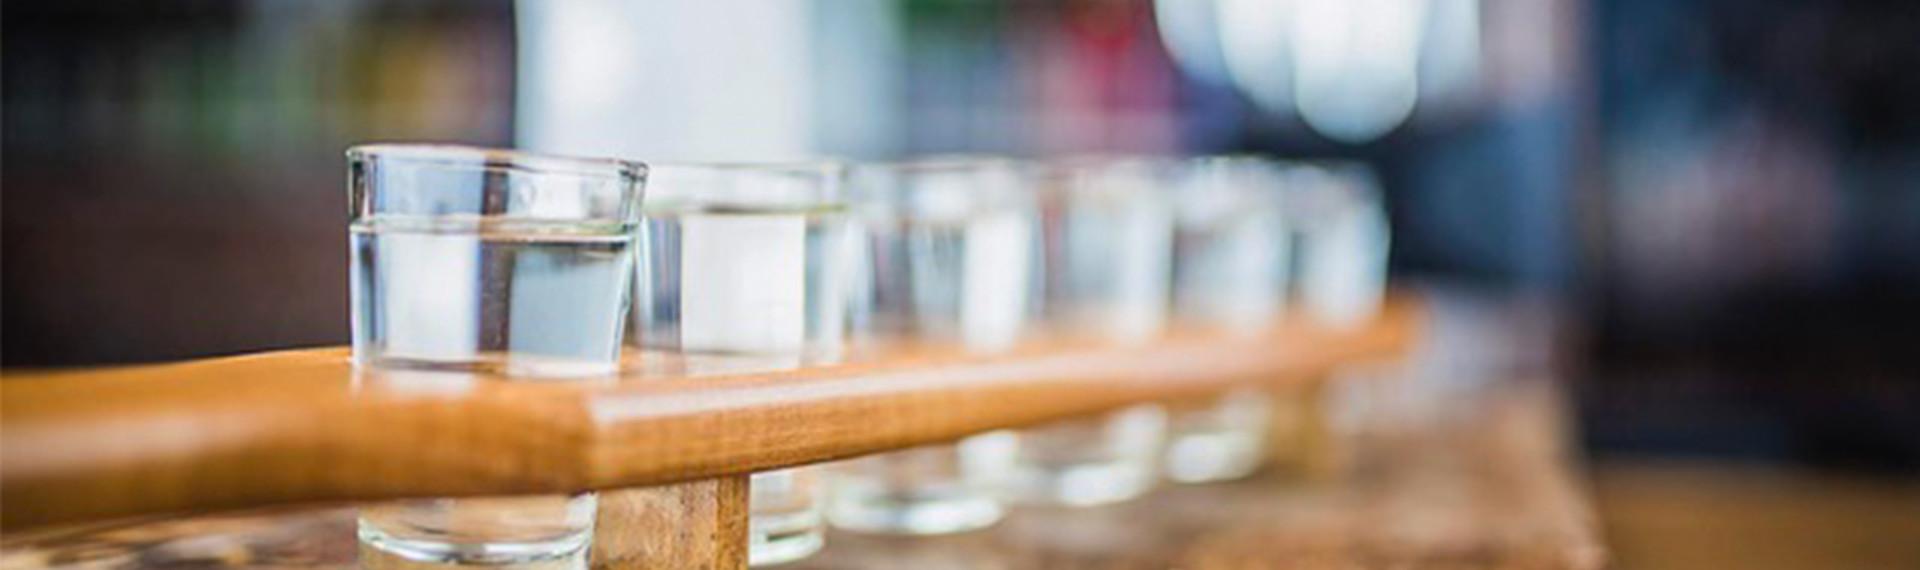 Wodkaverköstigung Warschau